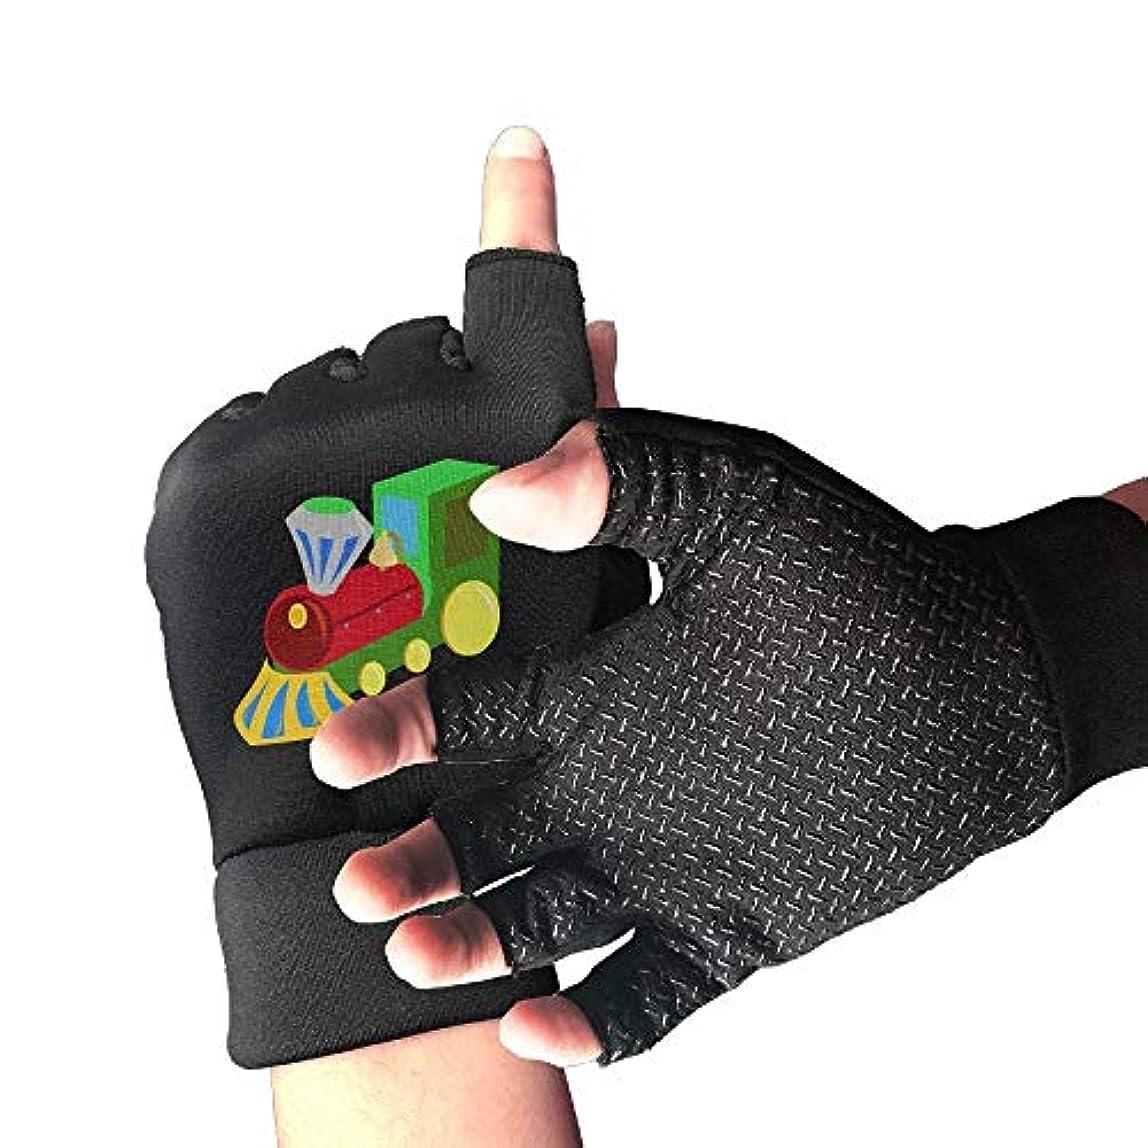 写真を描くミサイル貸し手Cycling Gloves Train Toy Men's/Women's Mountain Bike Gloves Half Finger Anti-Slip Motorcycle Gloves